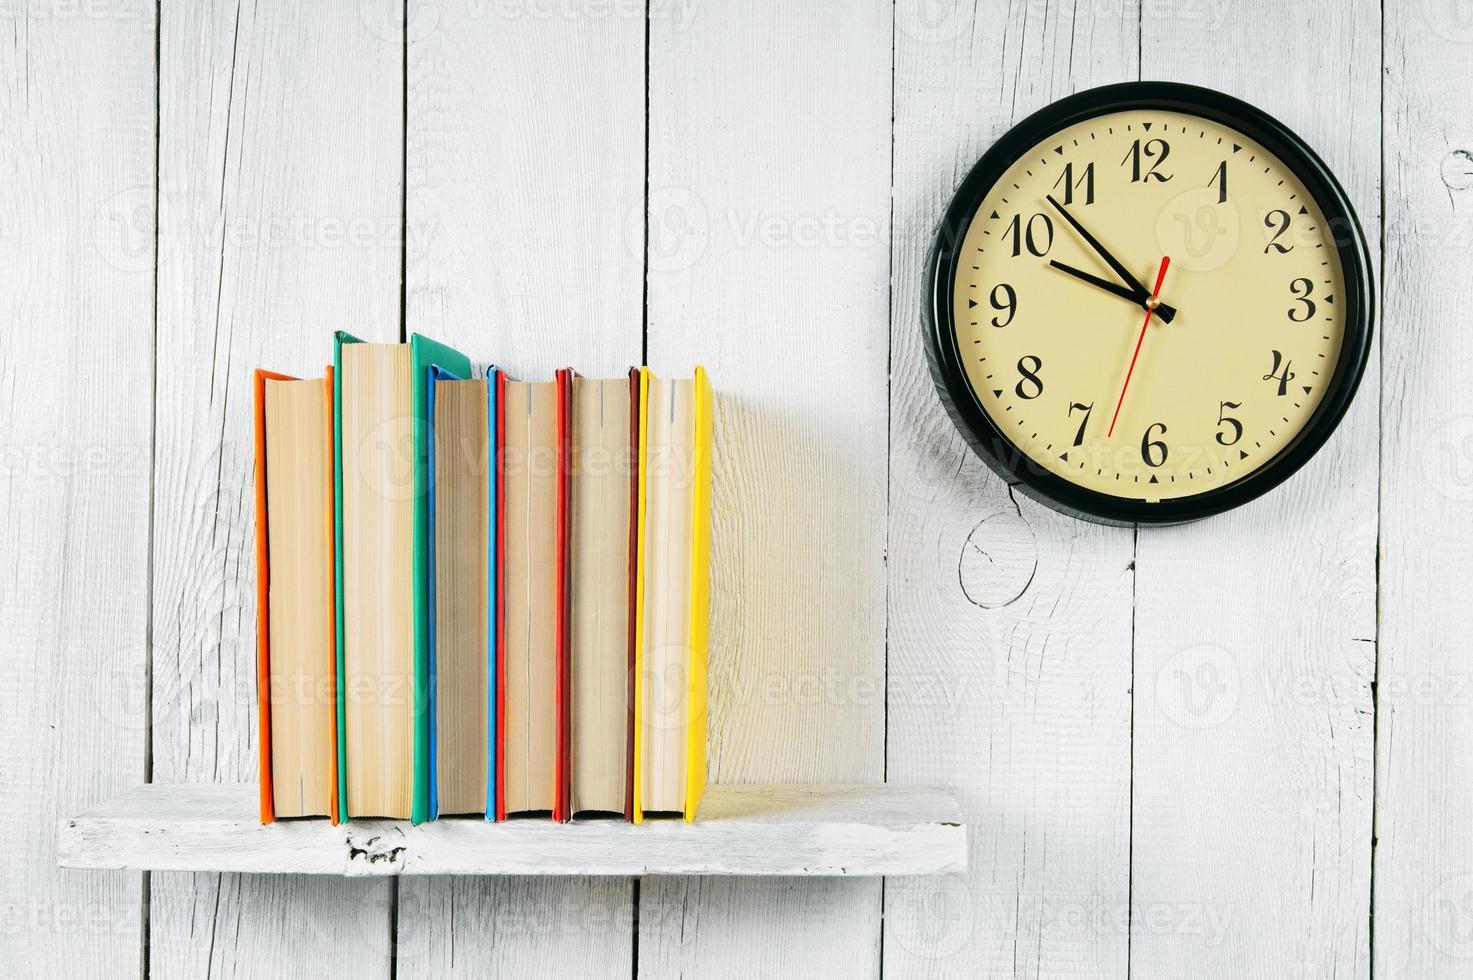 klockor och böcker på en trähylla. foto